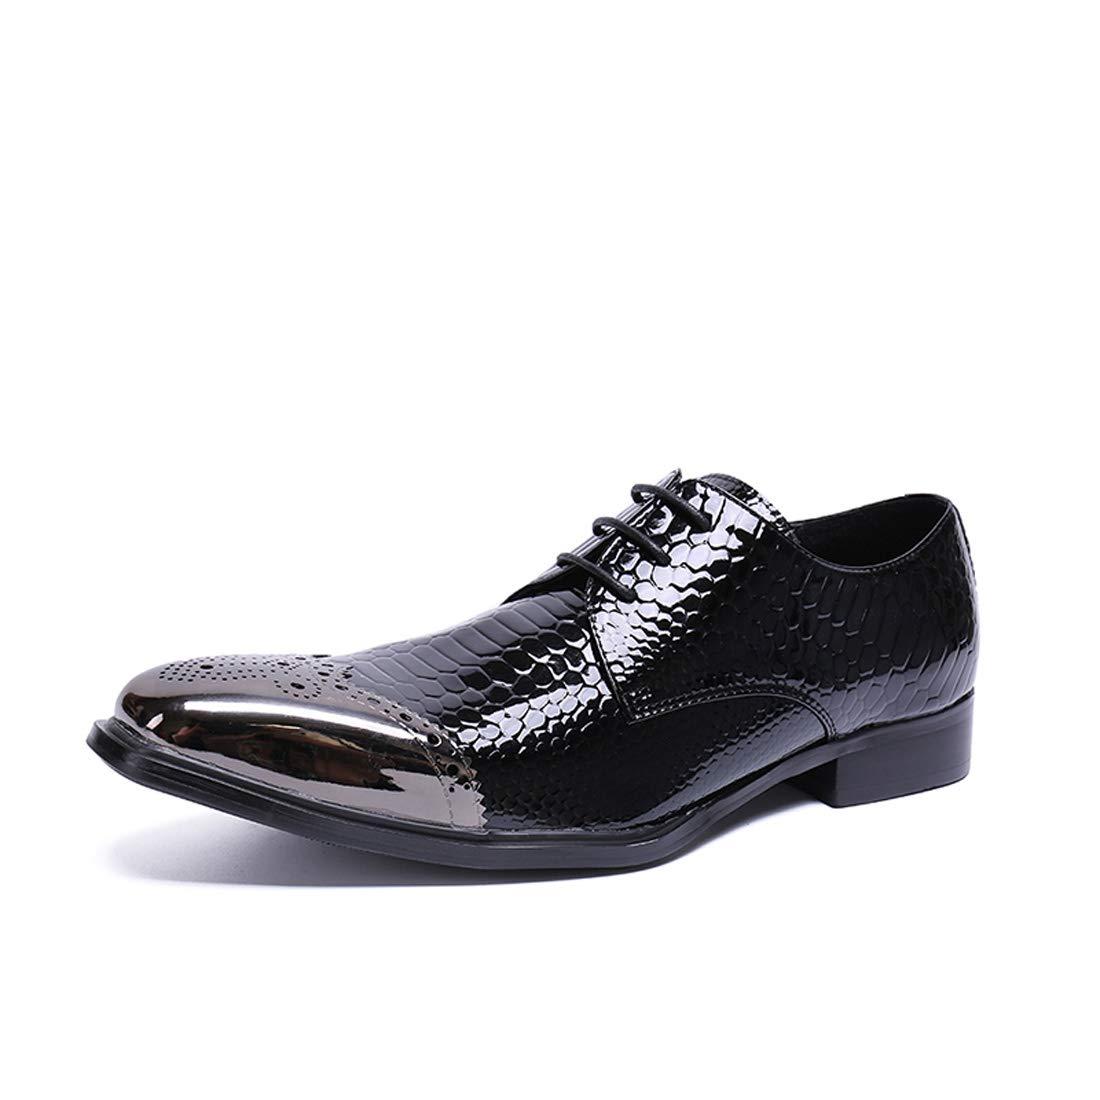 DANDANJIE Herren Kleider Schuhe Synthetischen Frühlings Herbst Comfort Oxfords Schwarze Party & Abend